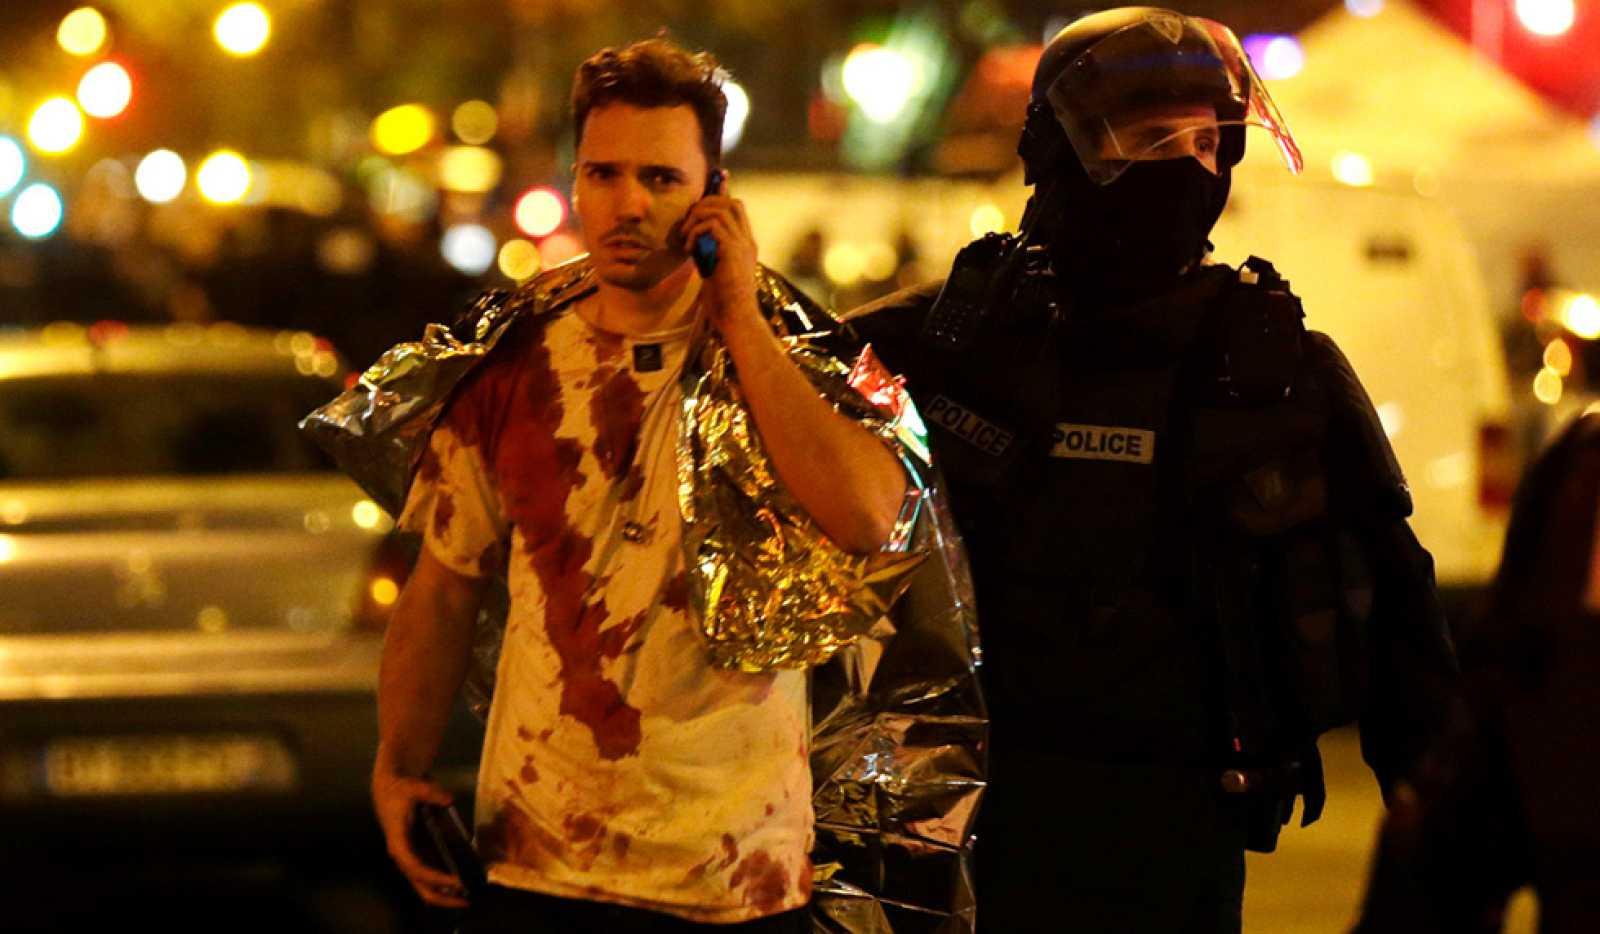 Más de un centenar de muertos en una cadena de atentados en París